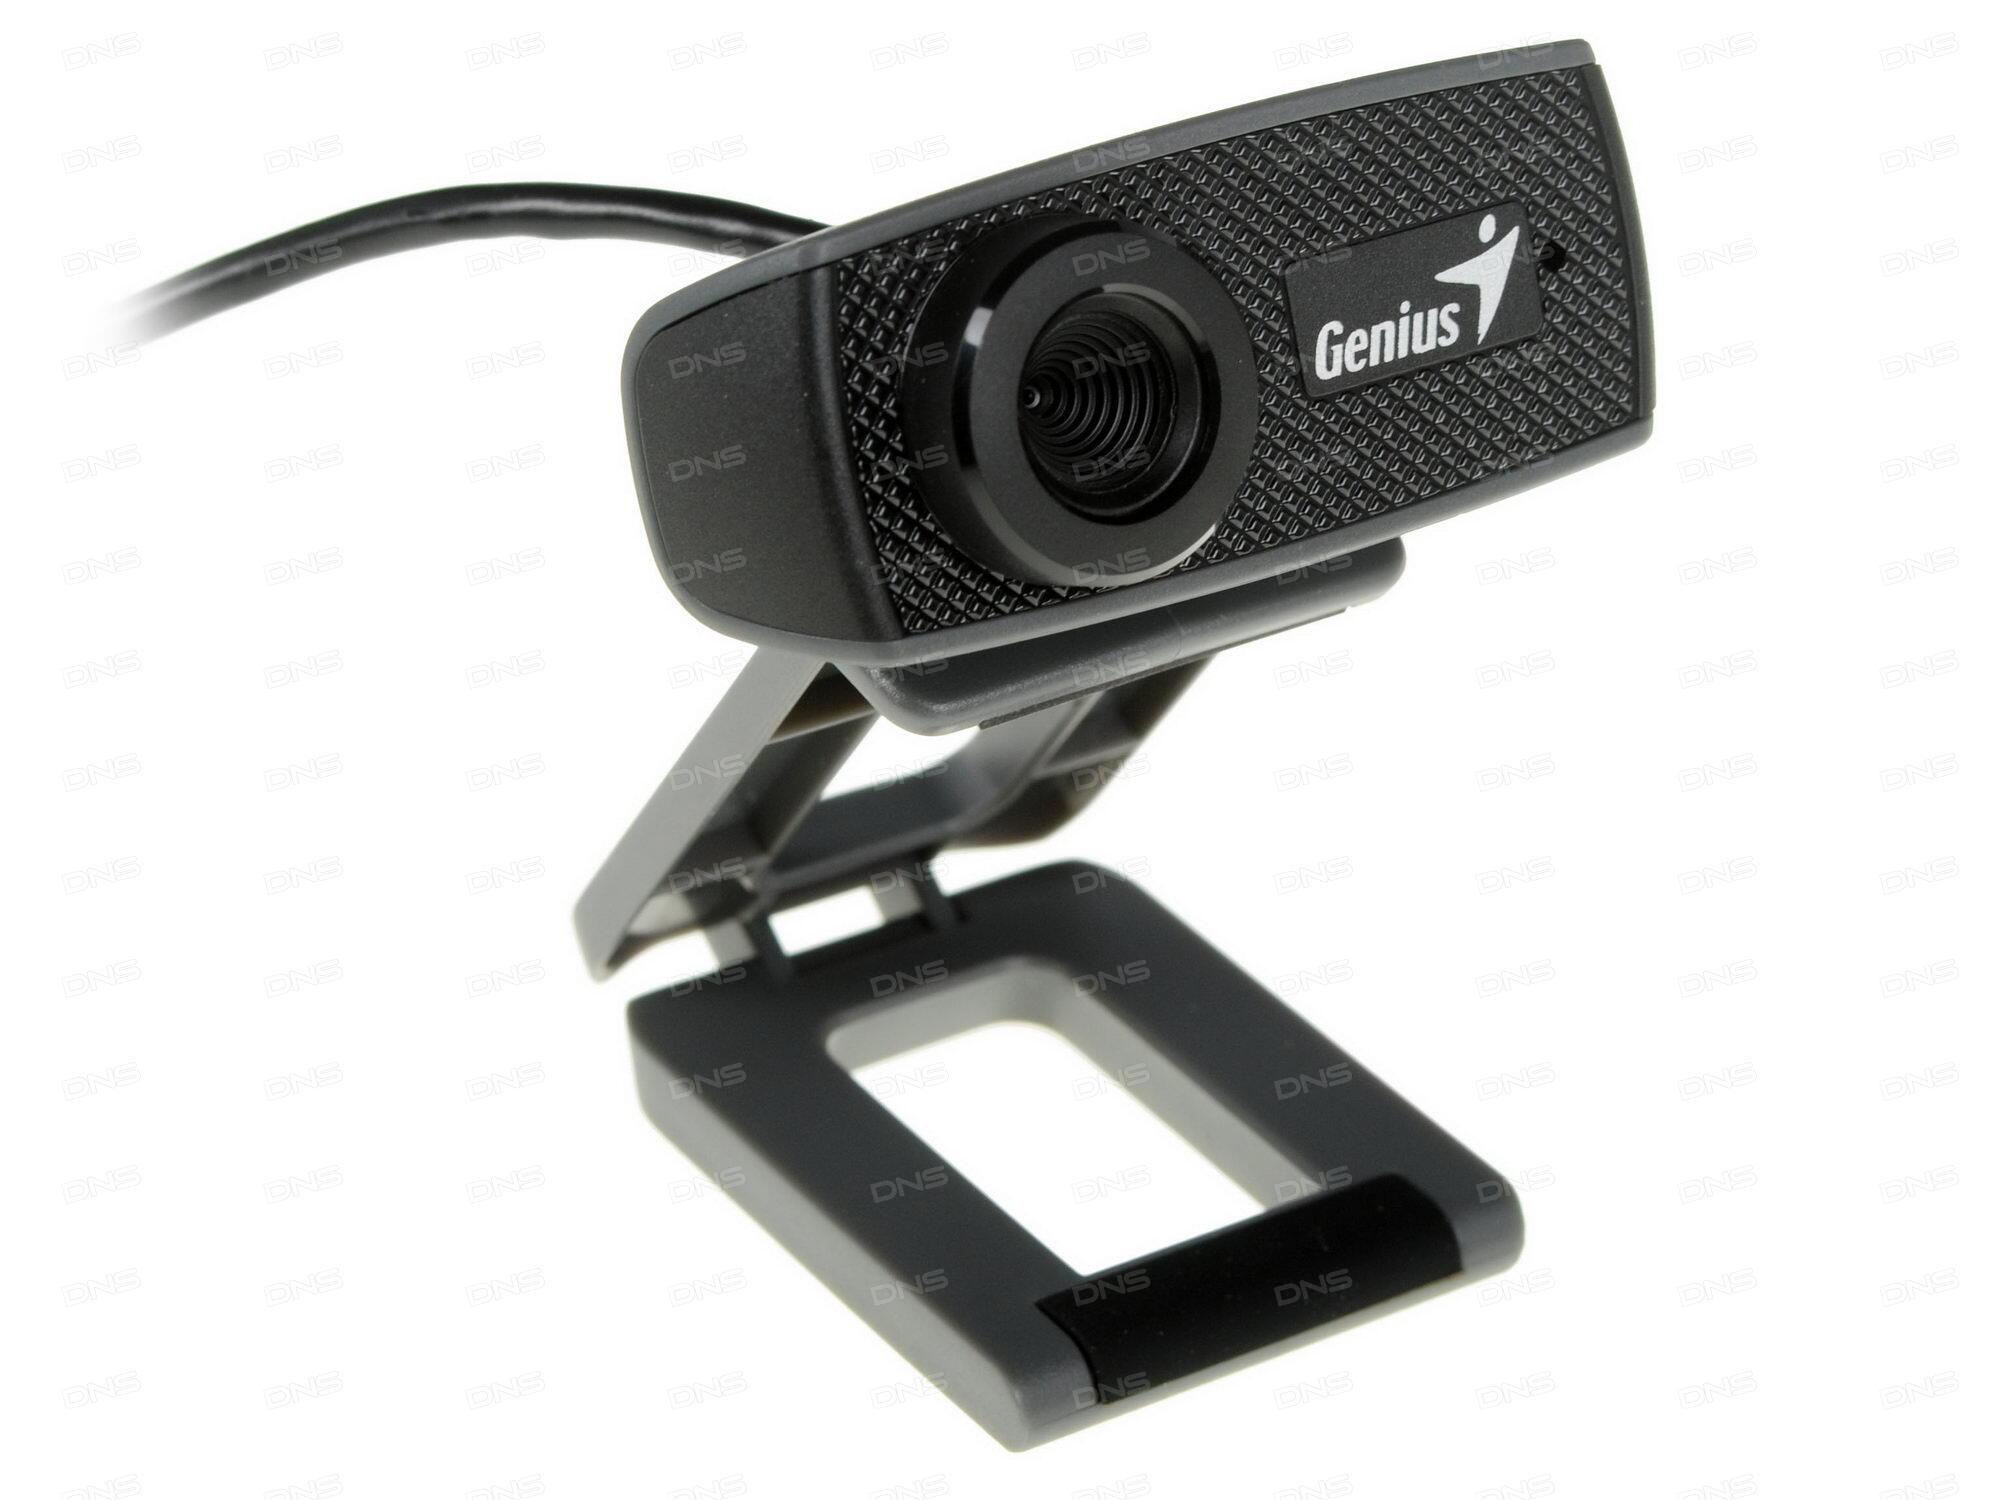 Скачать genius videocam slim usb2 драйвер